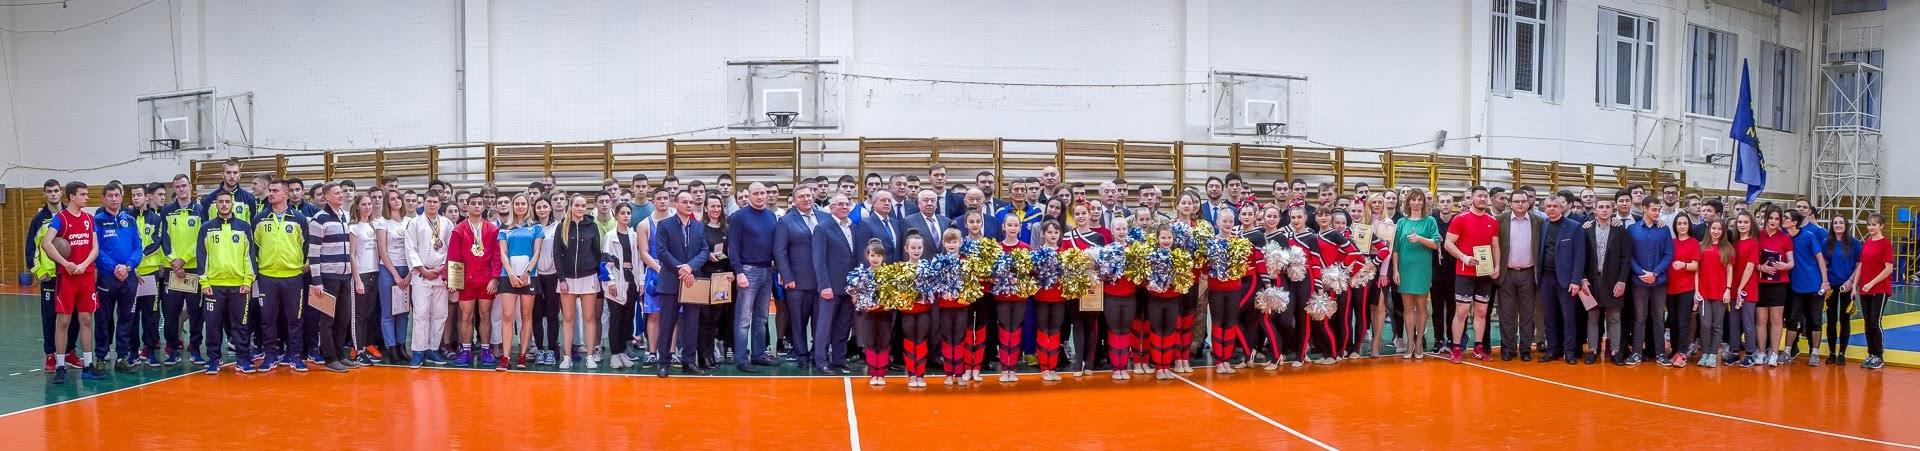 Фотографии. Спортивный праздник в Харьковской Юридической академии